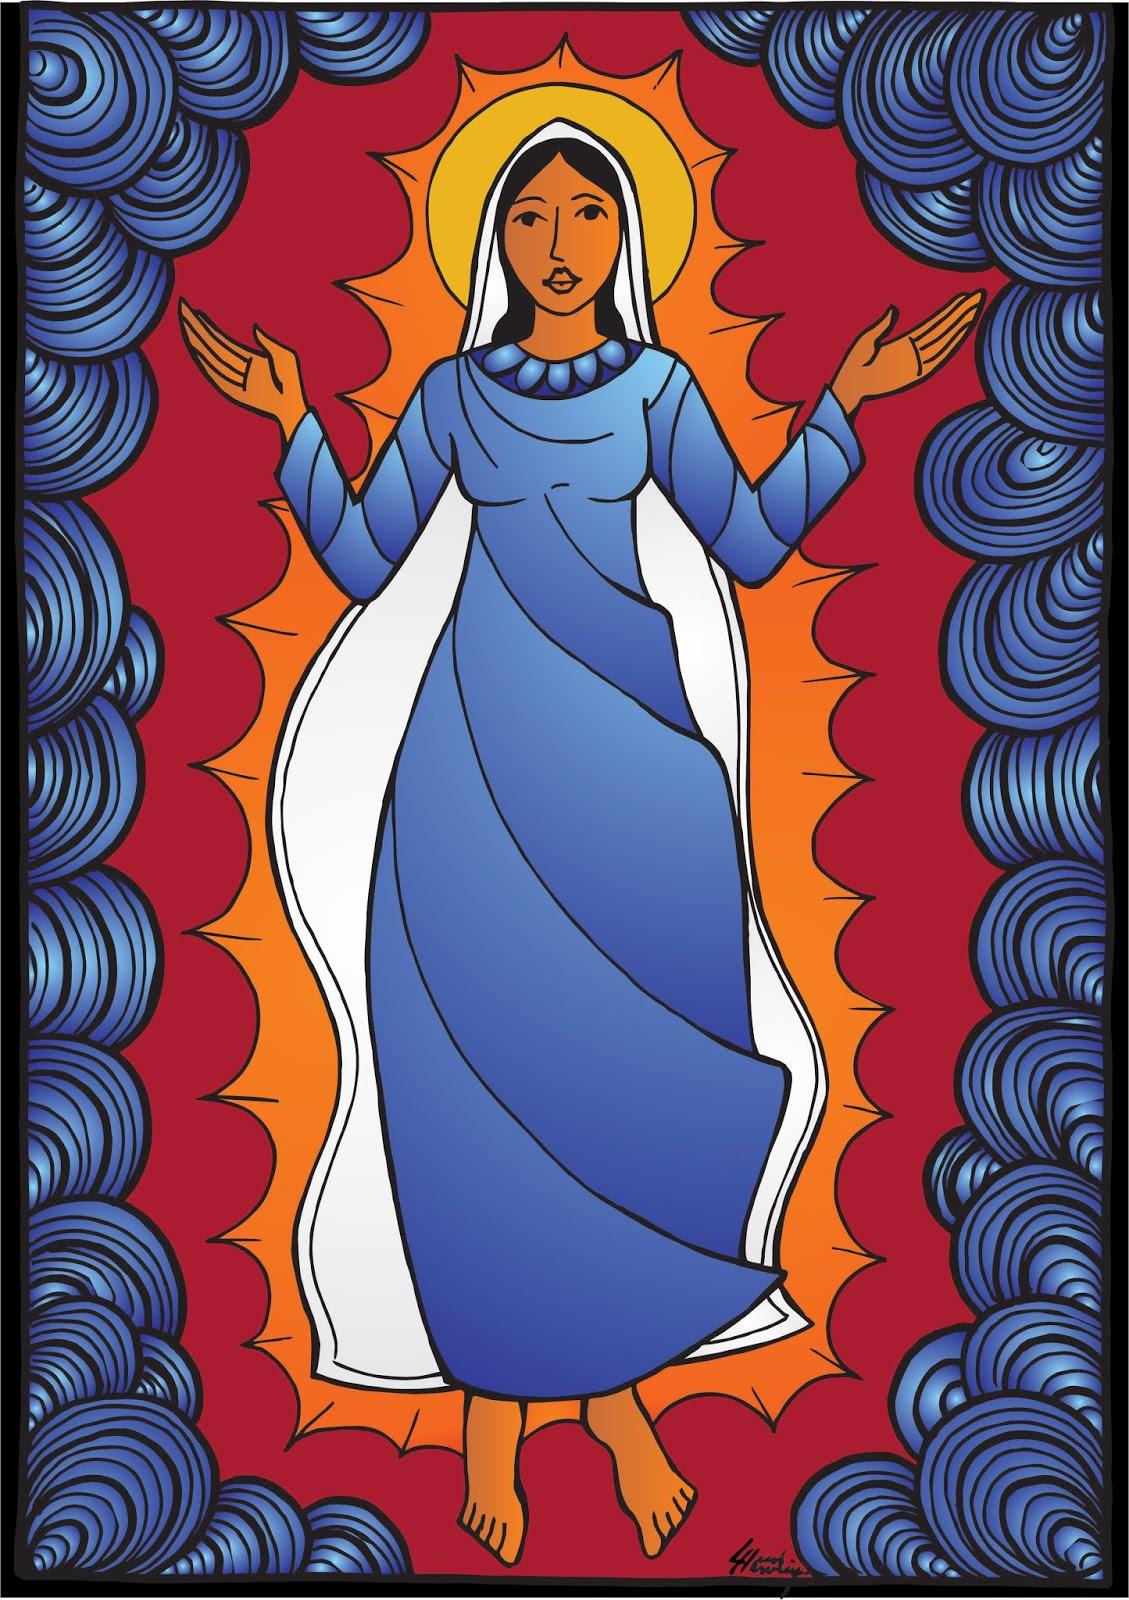 Maria é figura de uma humanidade livre, madura e solidária